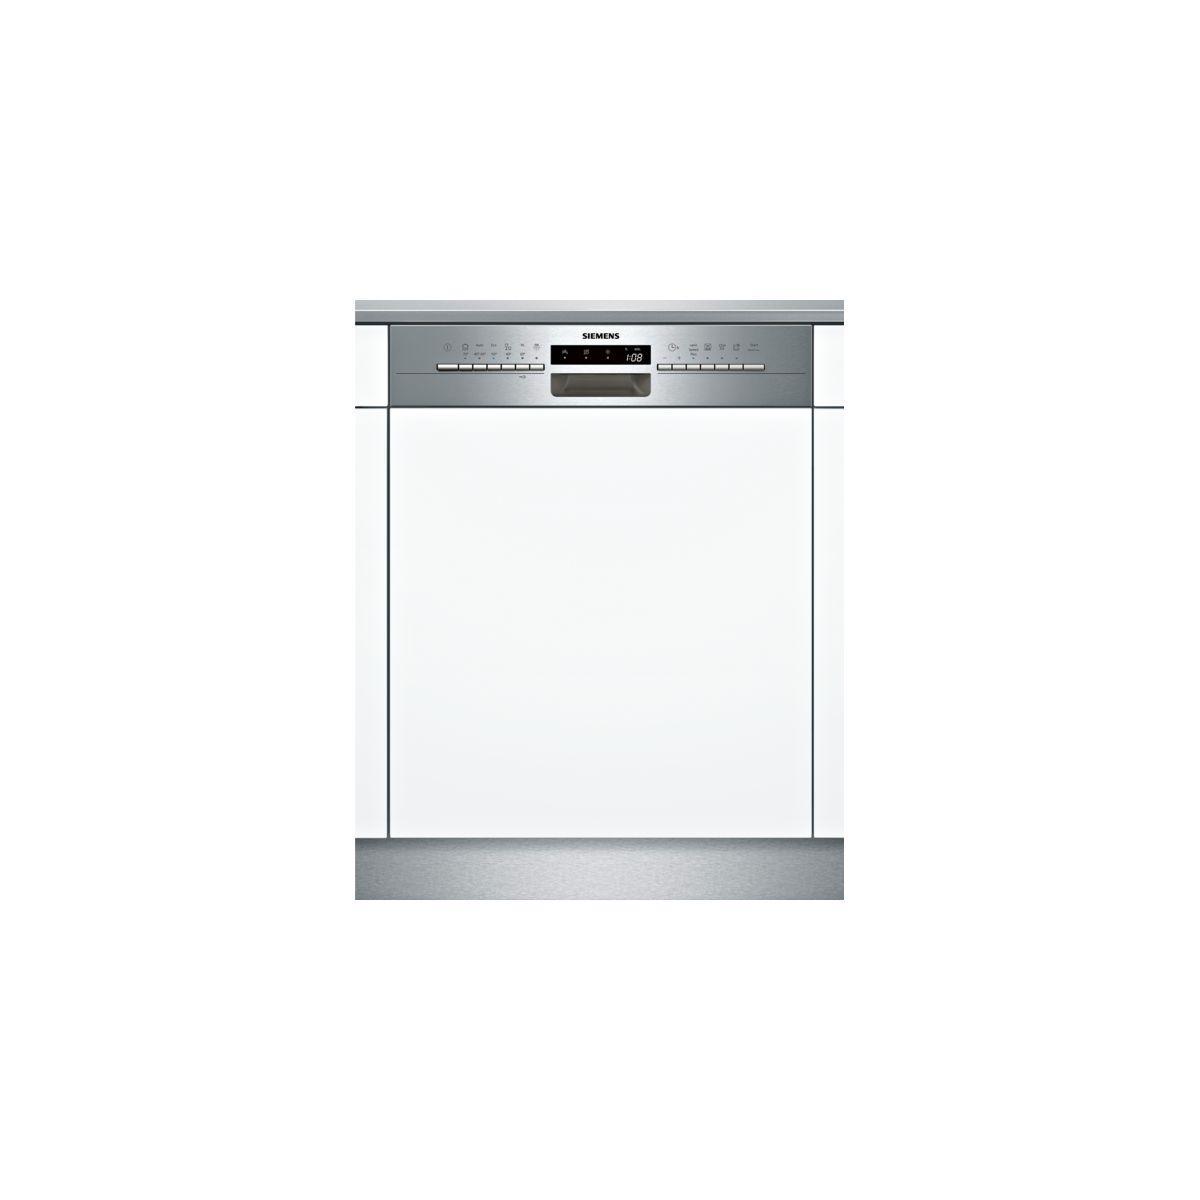 Lave vaisselle encastrable siemens sn536s02ge - livraison offe...